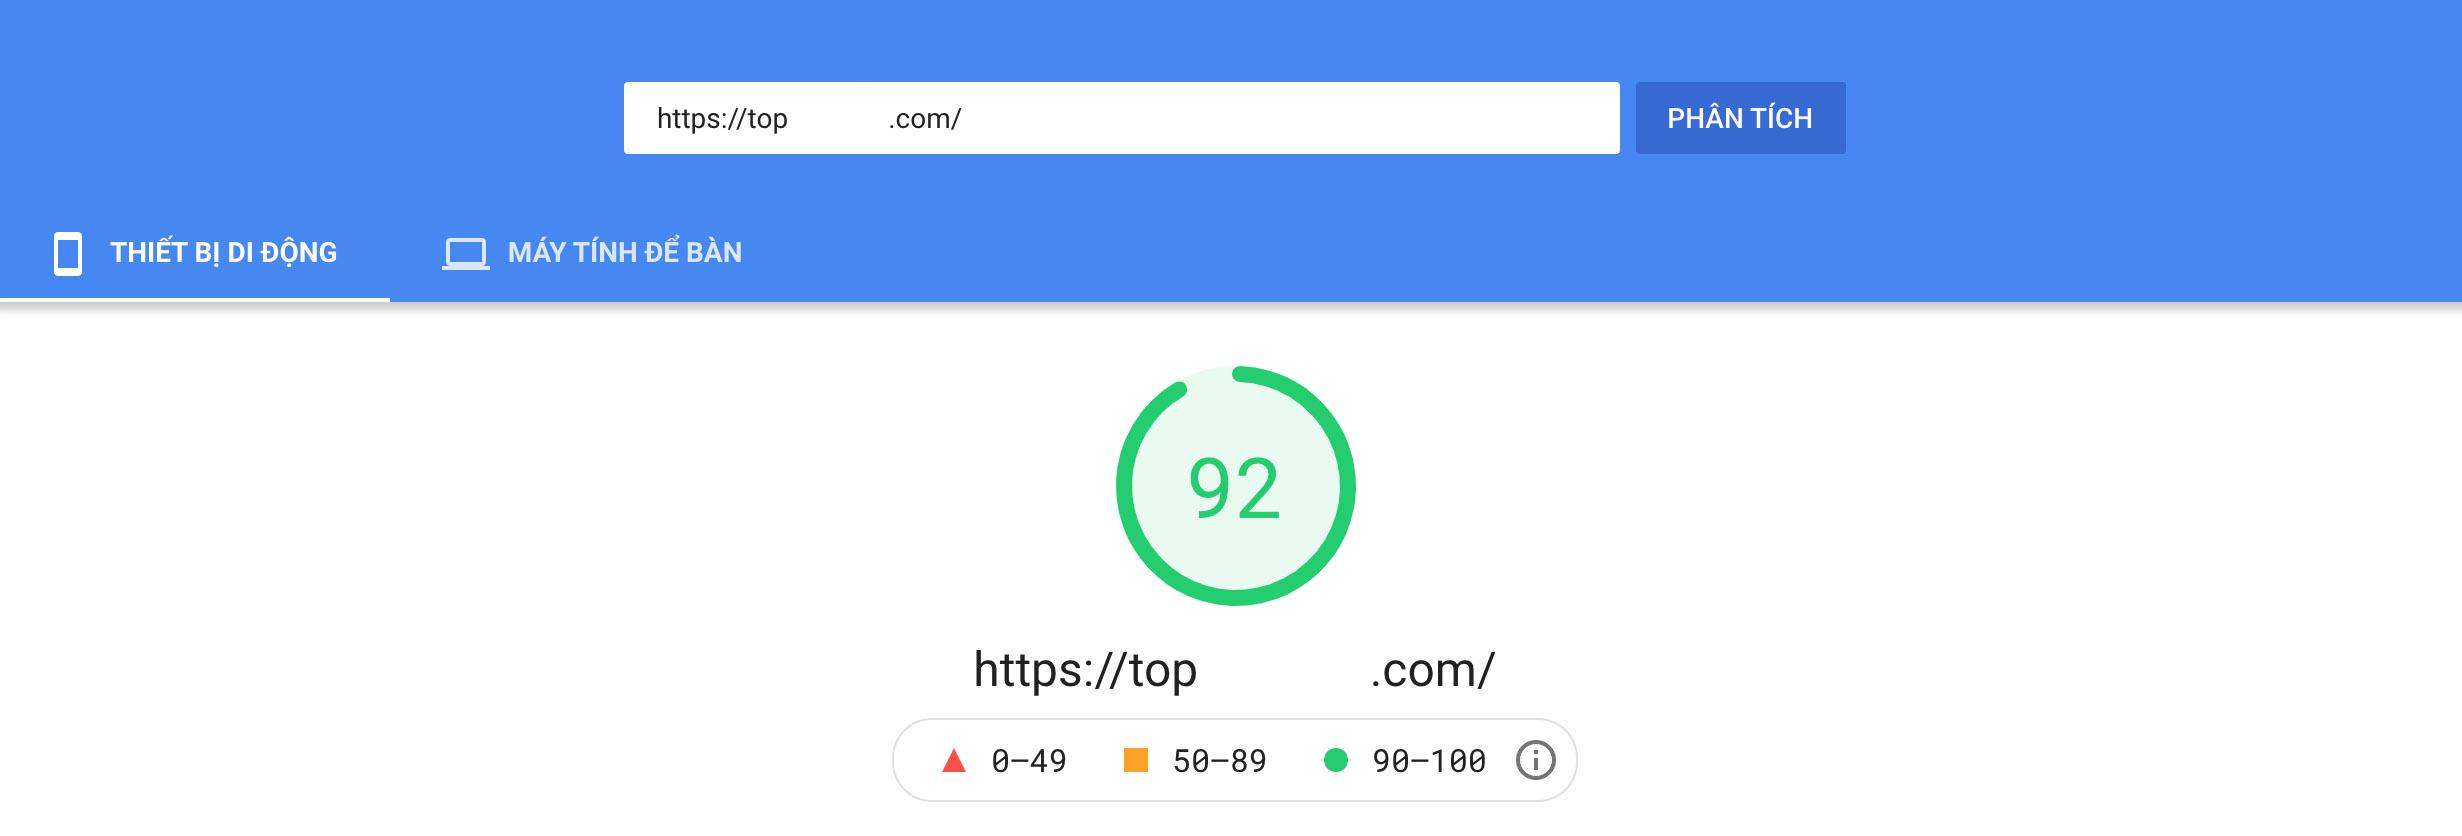 Dịch vụ tối ưu tốc độ website (Google PageSpeed Insights) của SeeU.vn cam kết 100% đạt kết quả tốt từ 90 ~ 100.